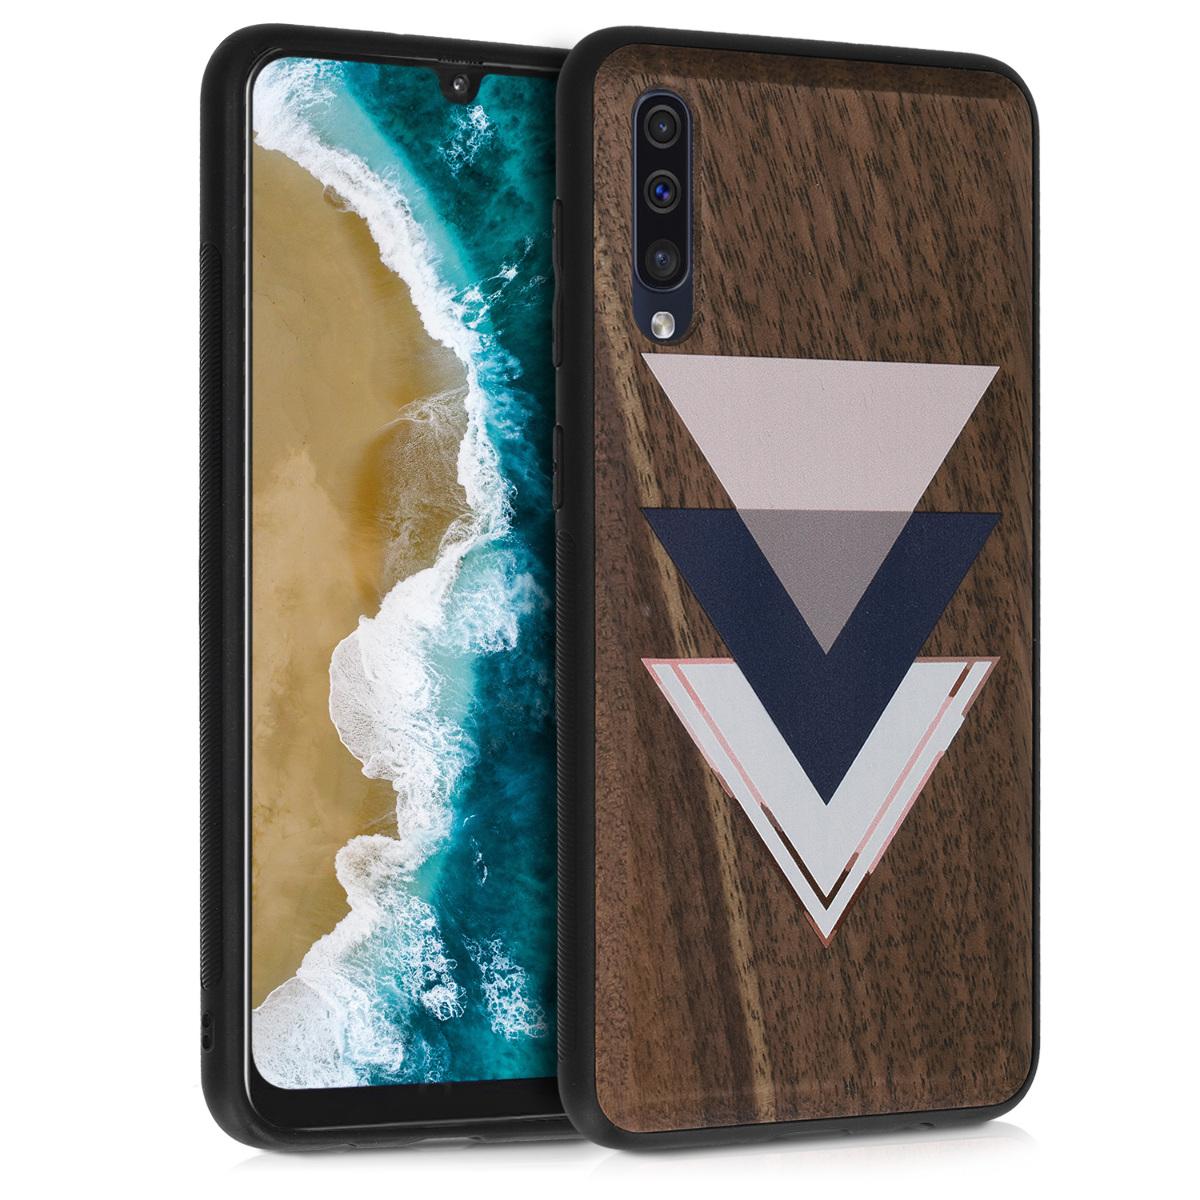 Dřevěné pouzdro pro Samsung A50 - Dřevo a trojúhelníky tmavě modré / Dusty růžové / tmavě hnědá